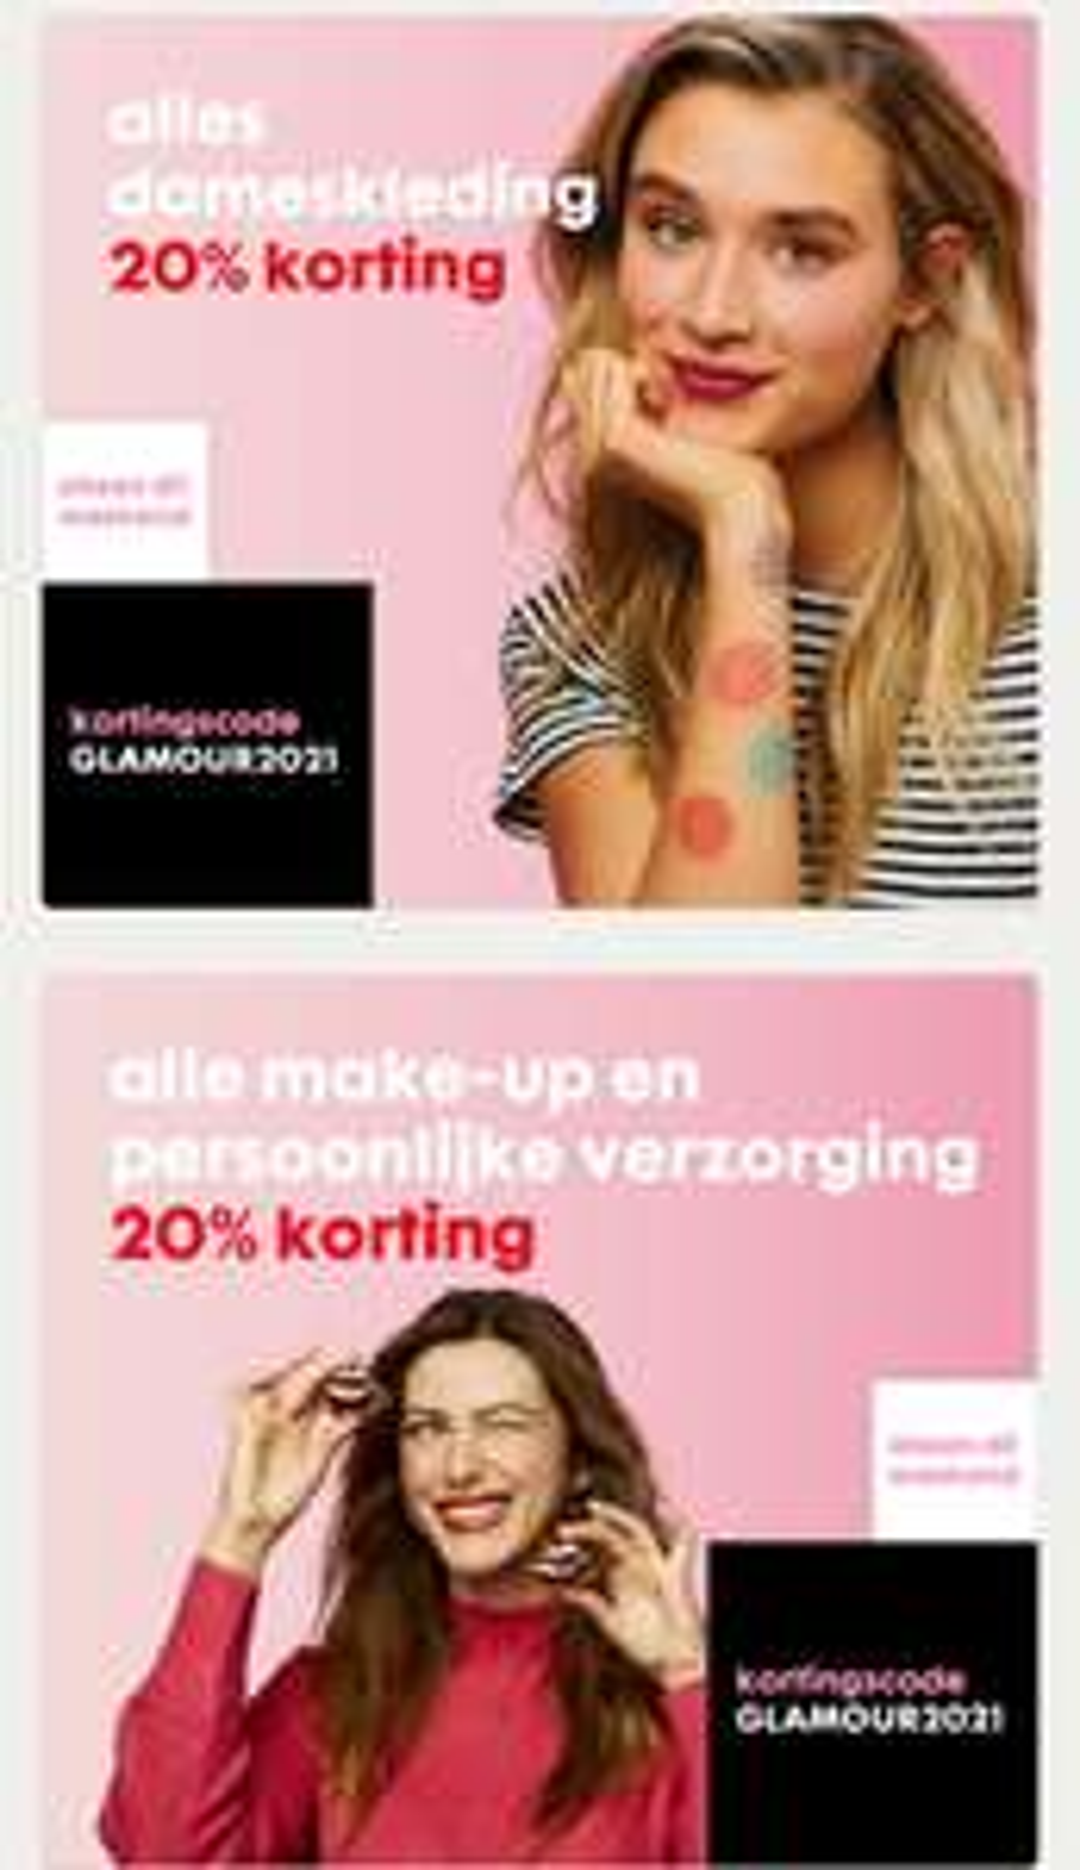 HEMA Alle dames mode en make-up 20 procent korting